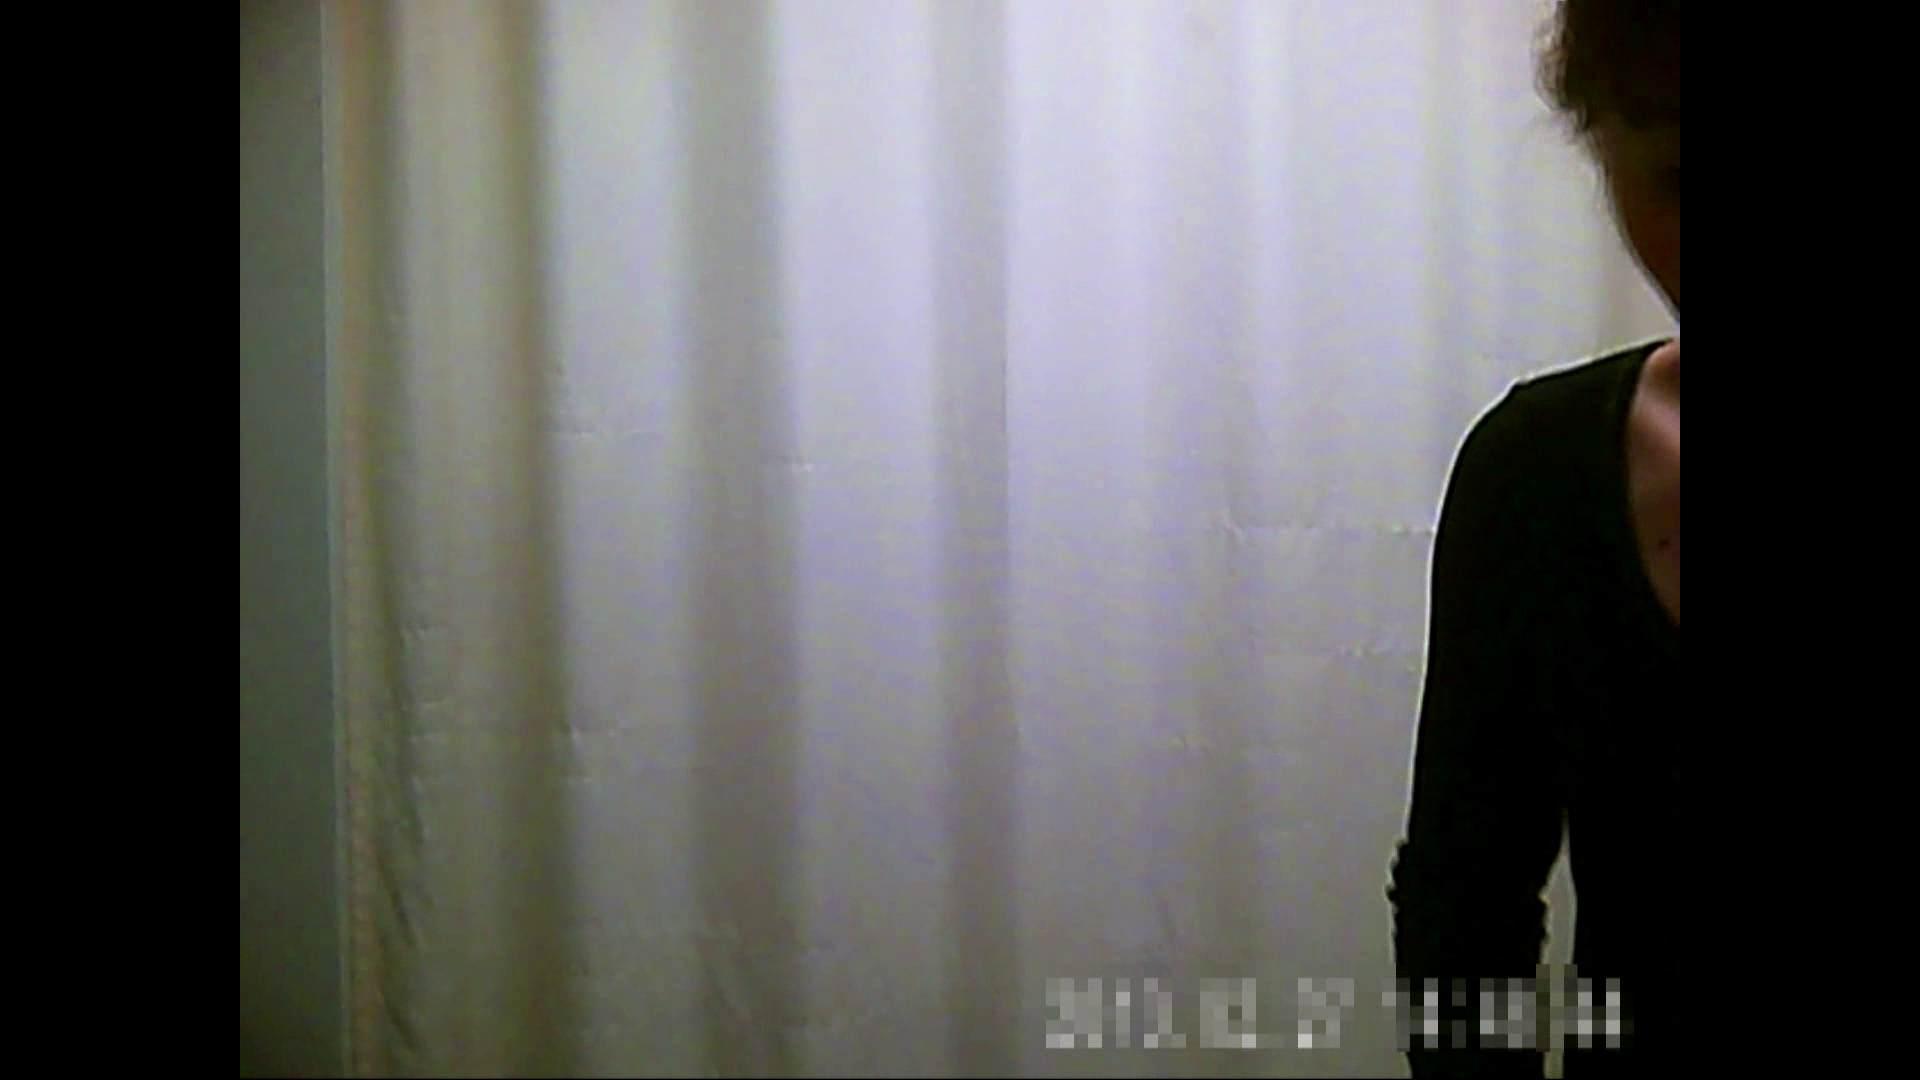 元医者による反抗 更衣室地獄絵巻 vol.104 OLハメ撮り  110Pix 79